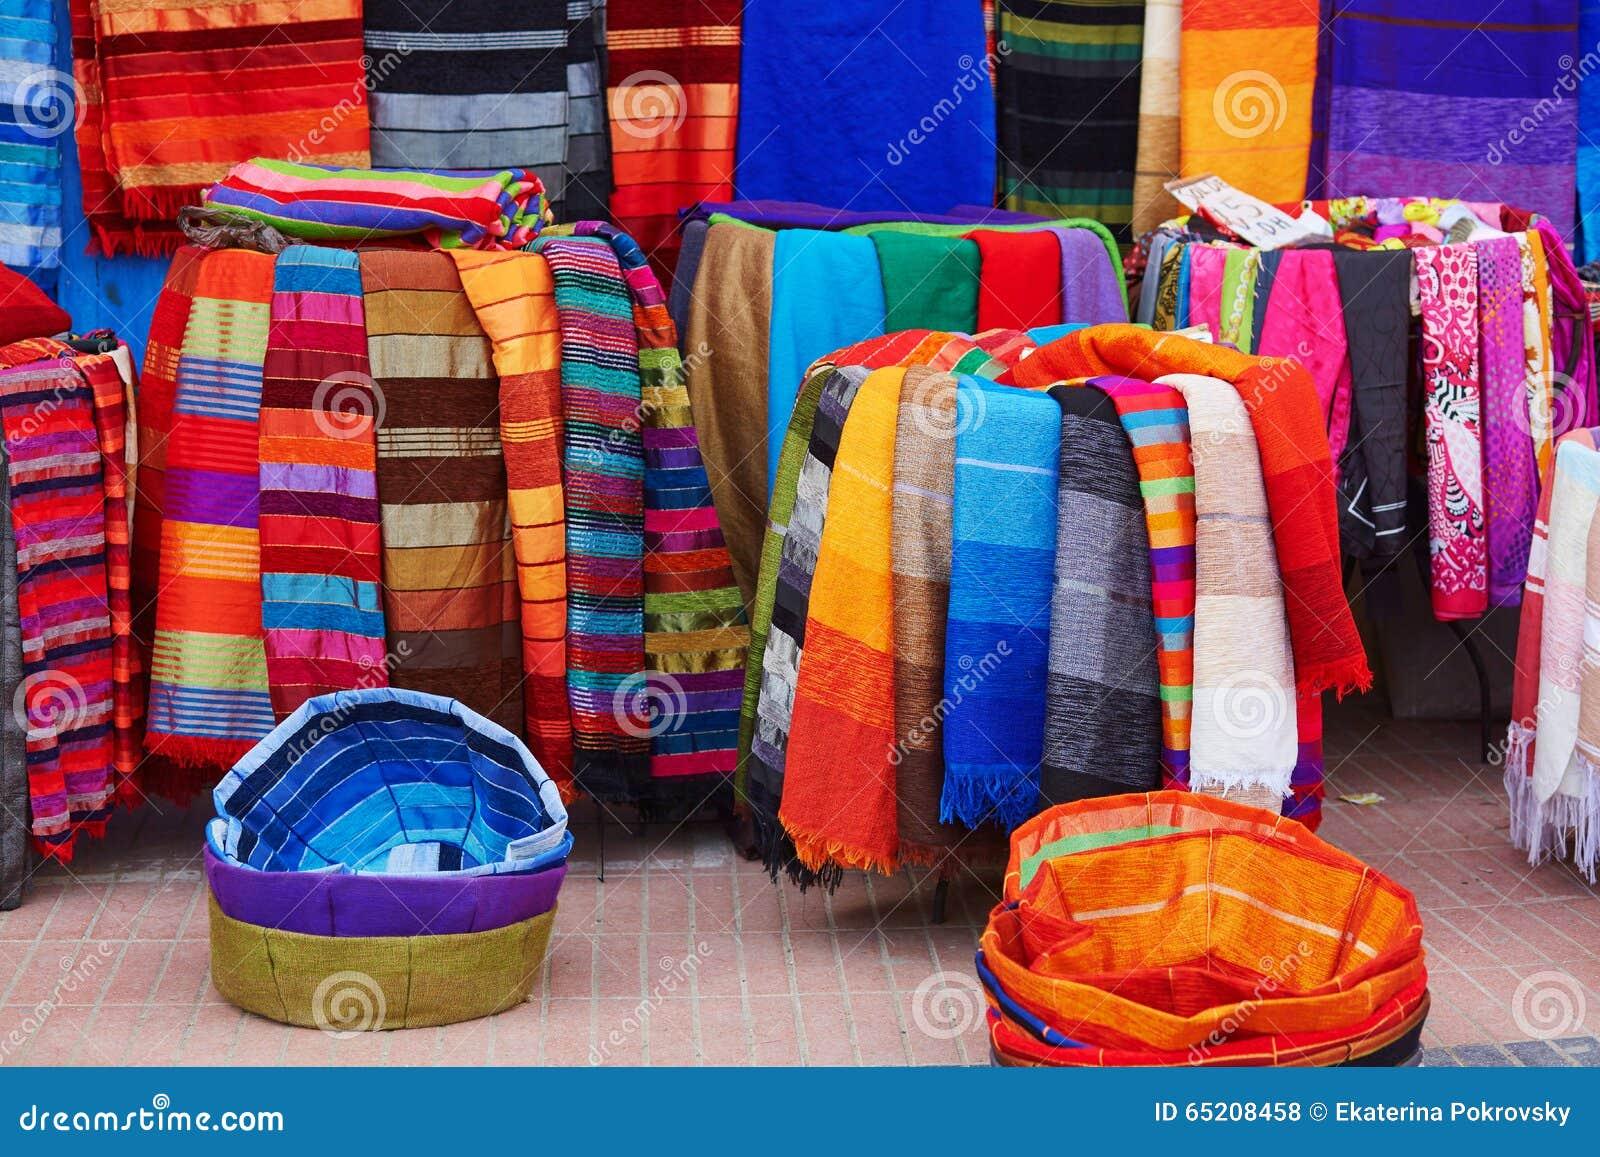 bunte gewebe und teppiche f r verkauf in marokko stockfoto bild 65208458. Black Bedroom Furniture Sets. Home Design Ideas